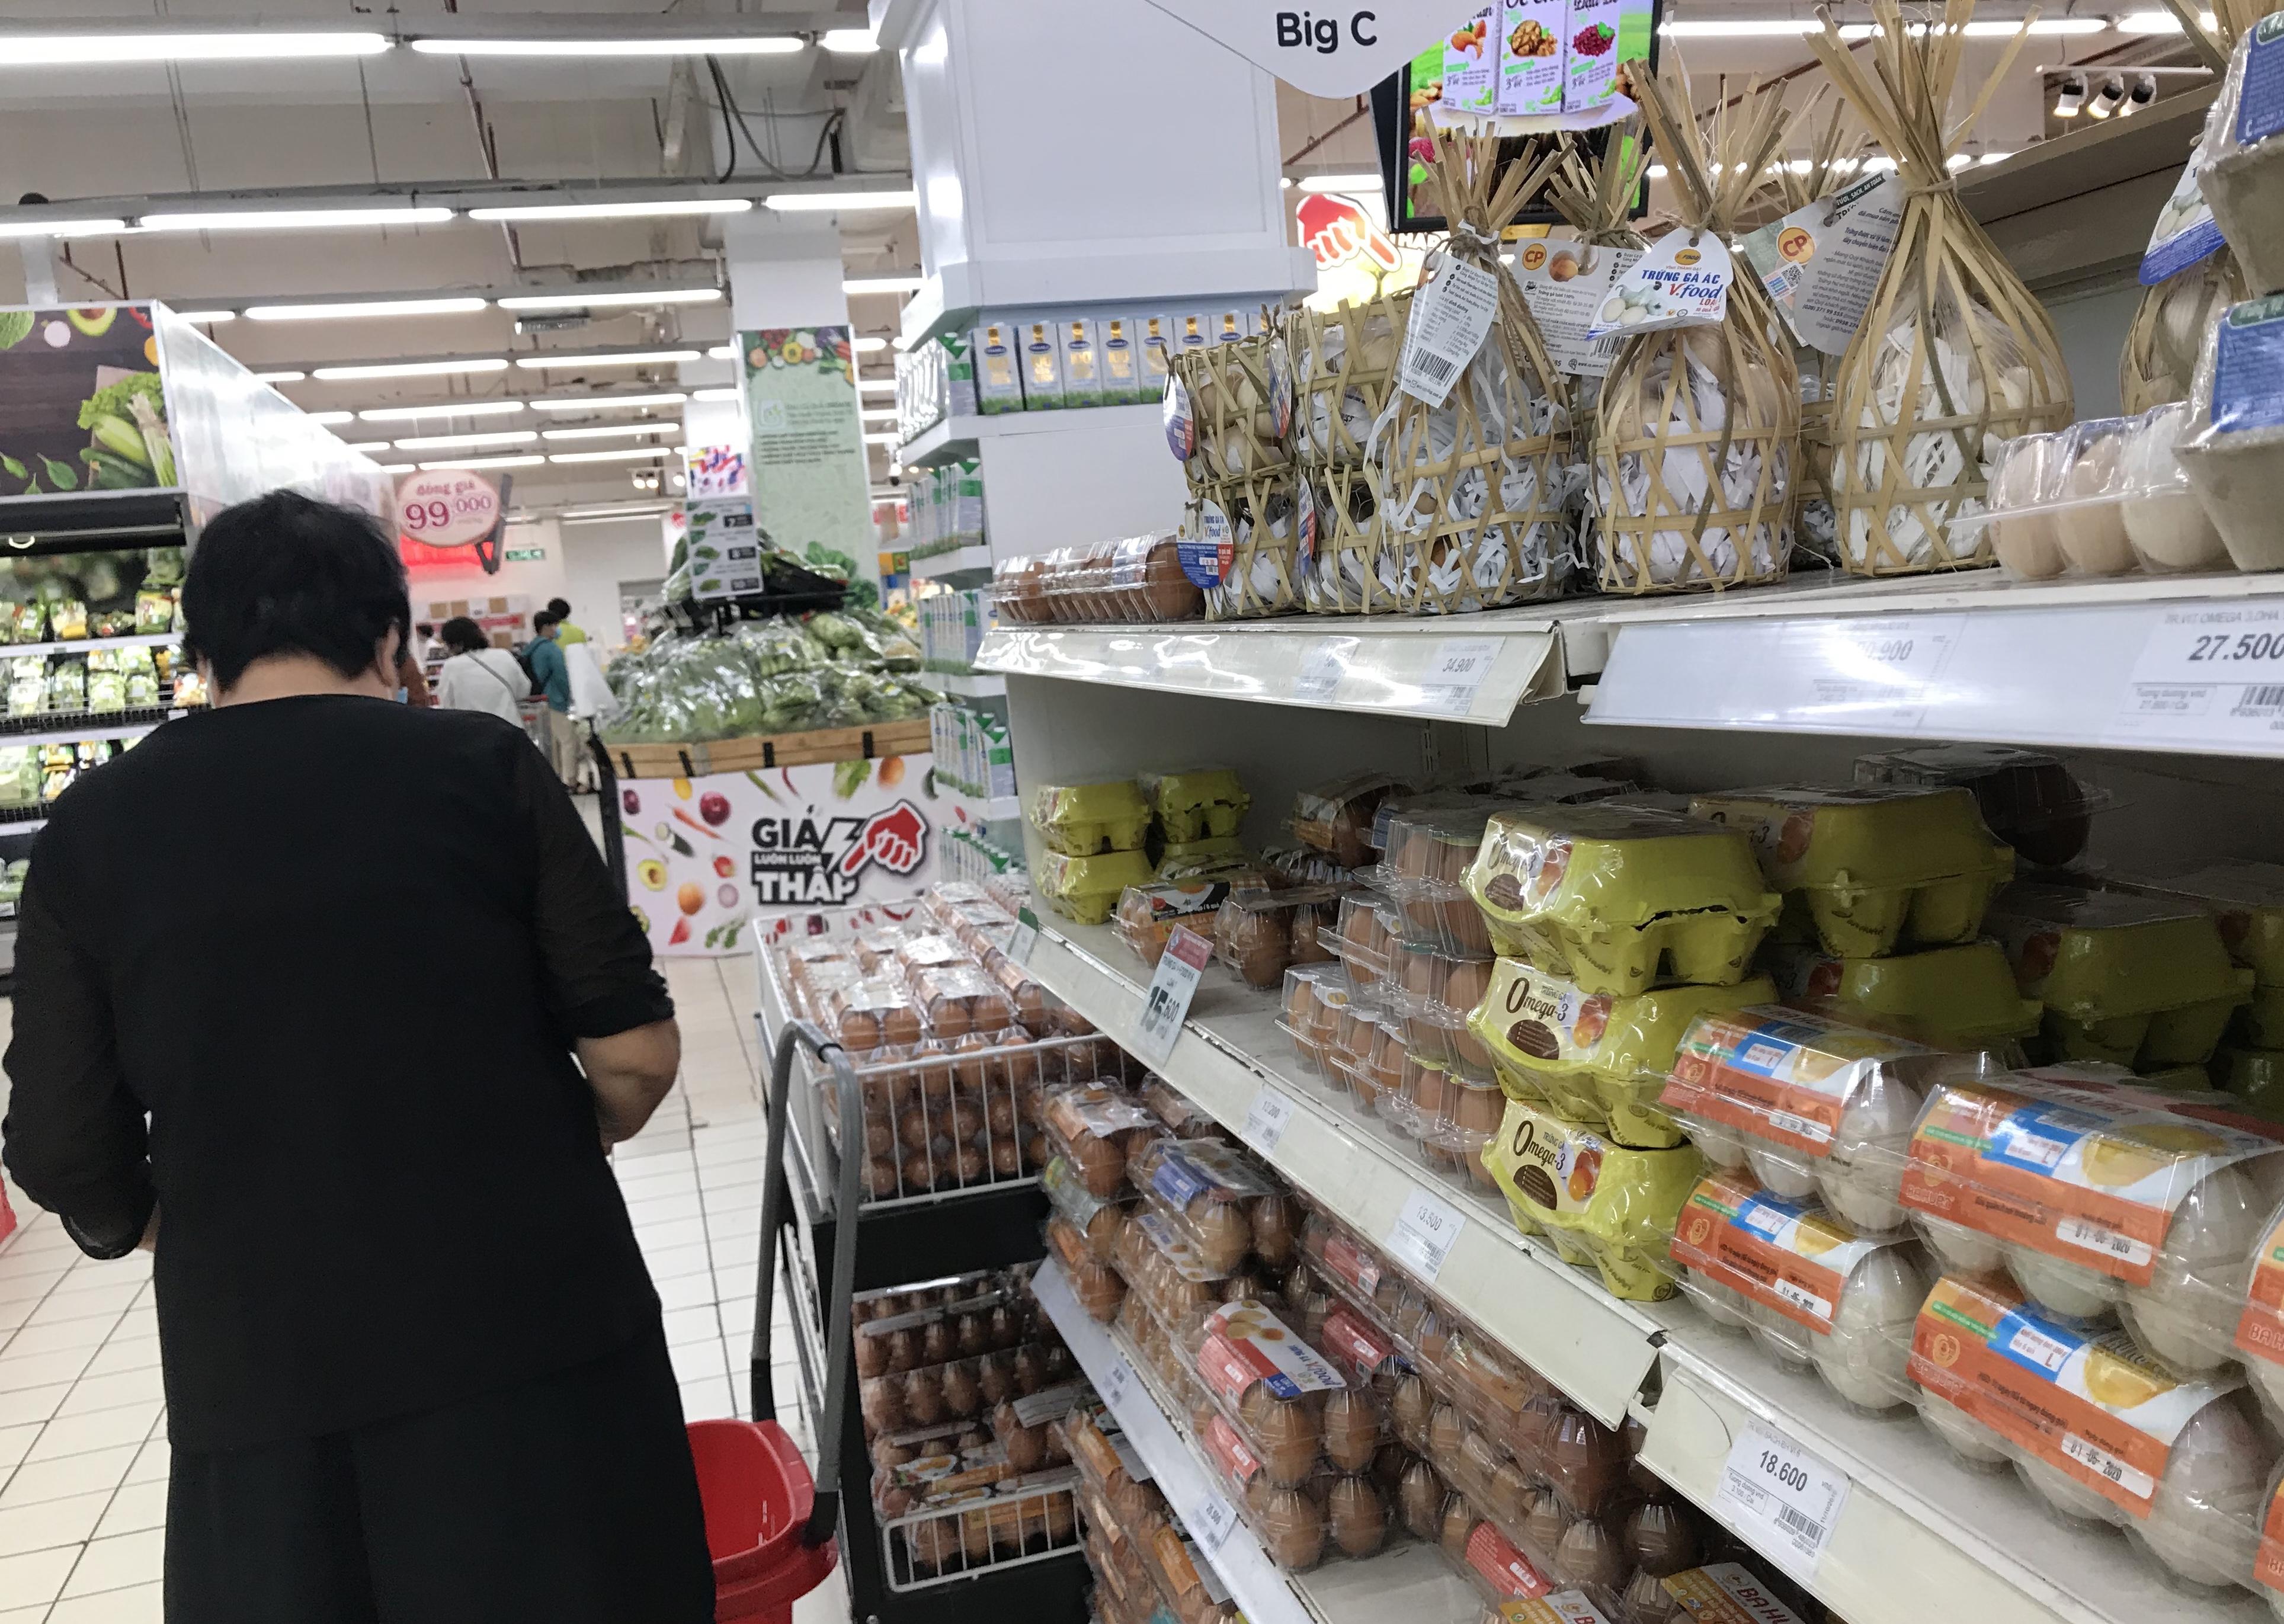 Big C miền Đông bất ngờ thông báo đóng cửa, người tiêu dùng sững sờ, siêu thị vắng lặng chiều nay - Ảnh 6.